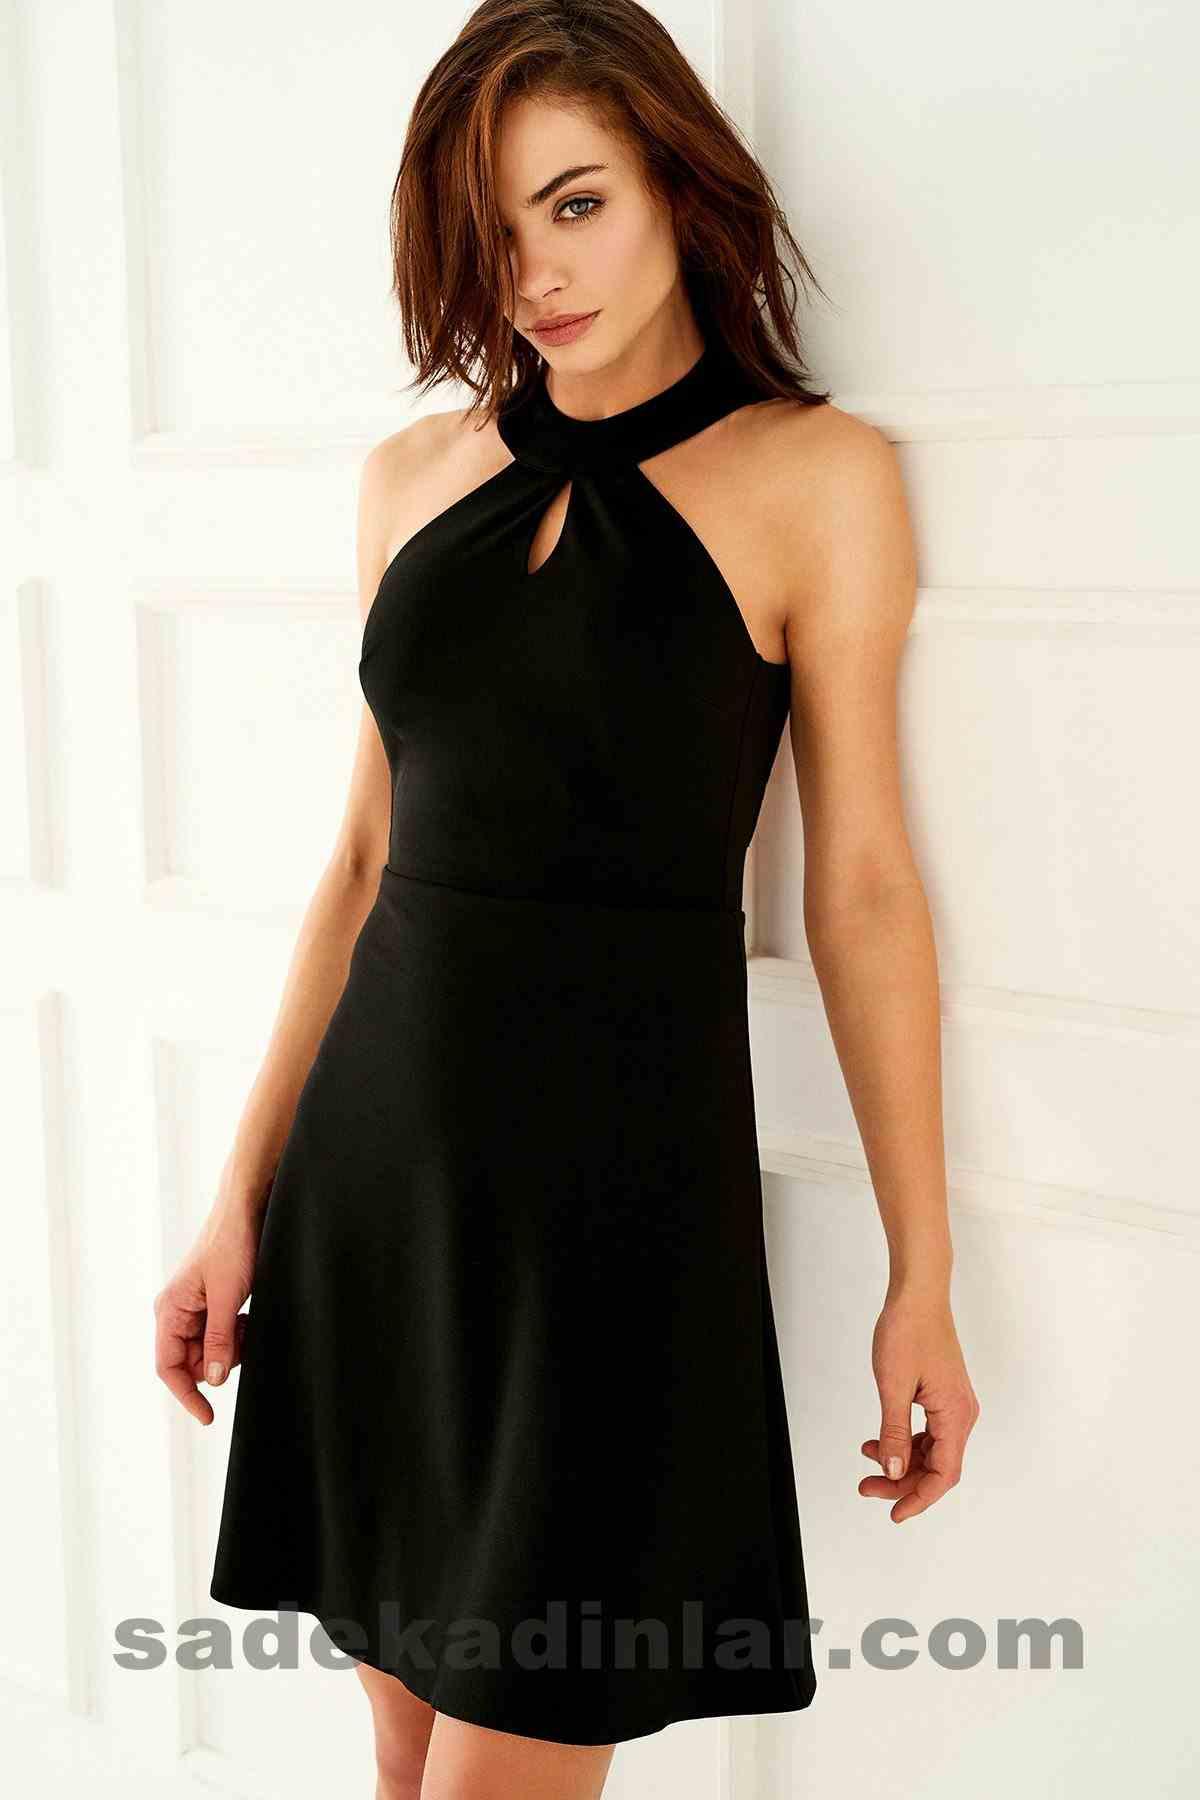 Abiye Elbise Modelleri Şık ve Güzel 2019 Gece Elbiseleri Sırt Dekolteli Dantel Detaylı Siyah